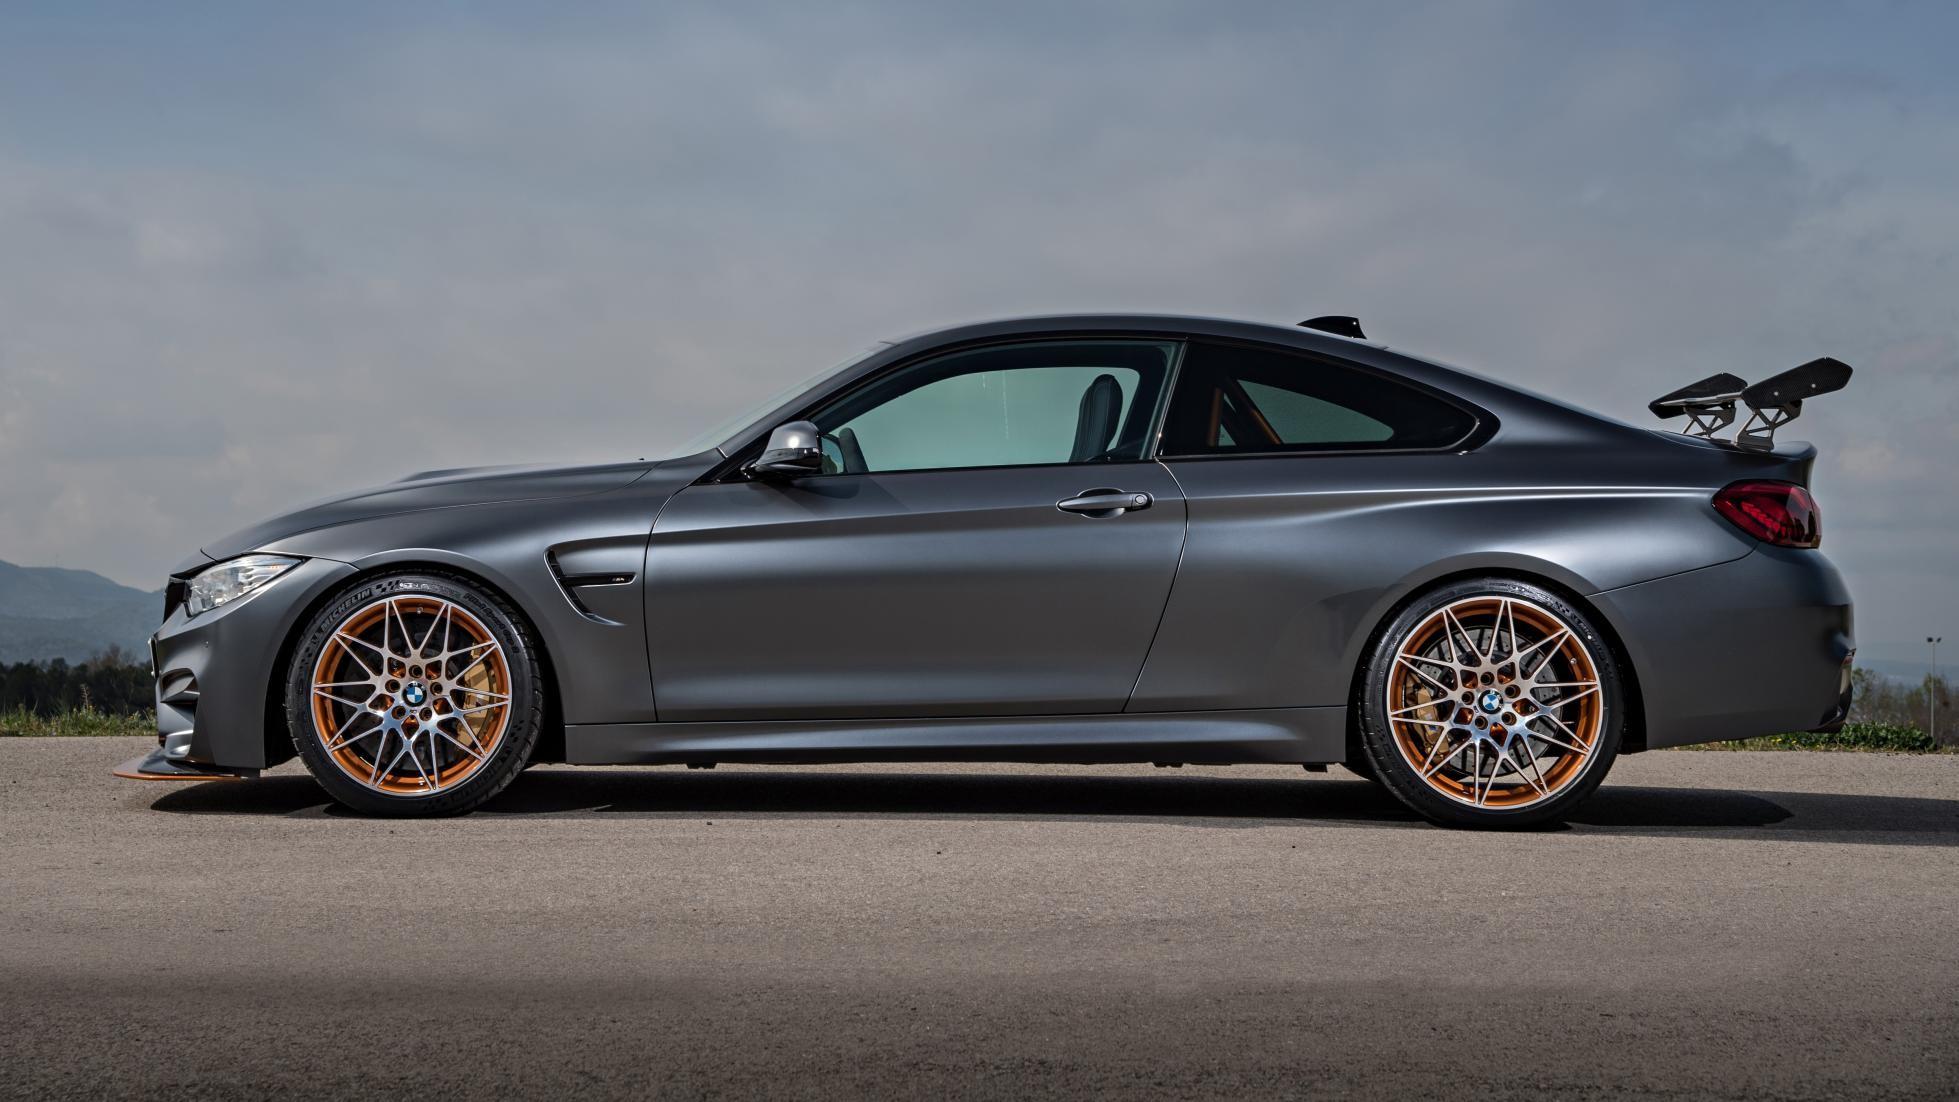 BMW назвала страны в которых появится лимитированный M4 GTS